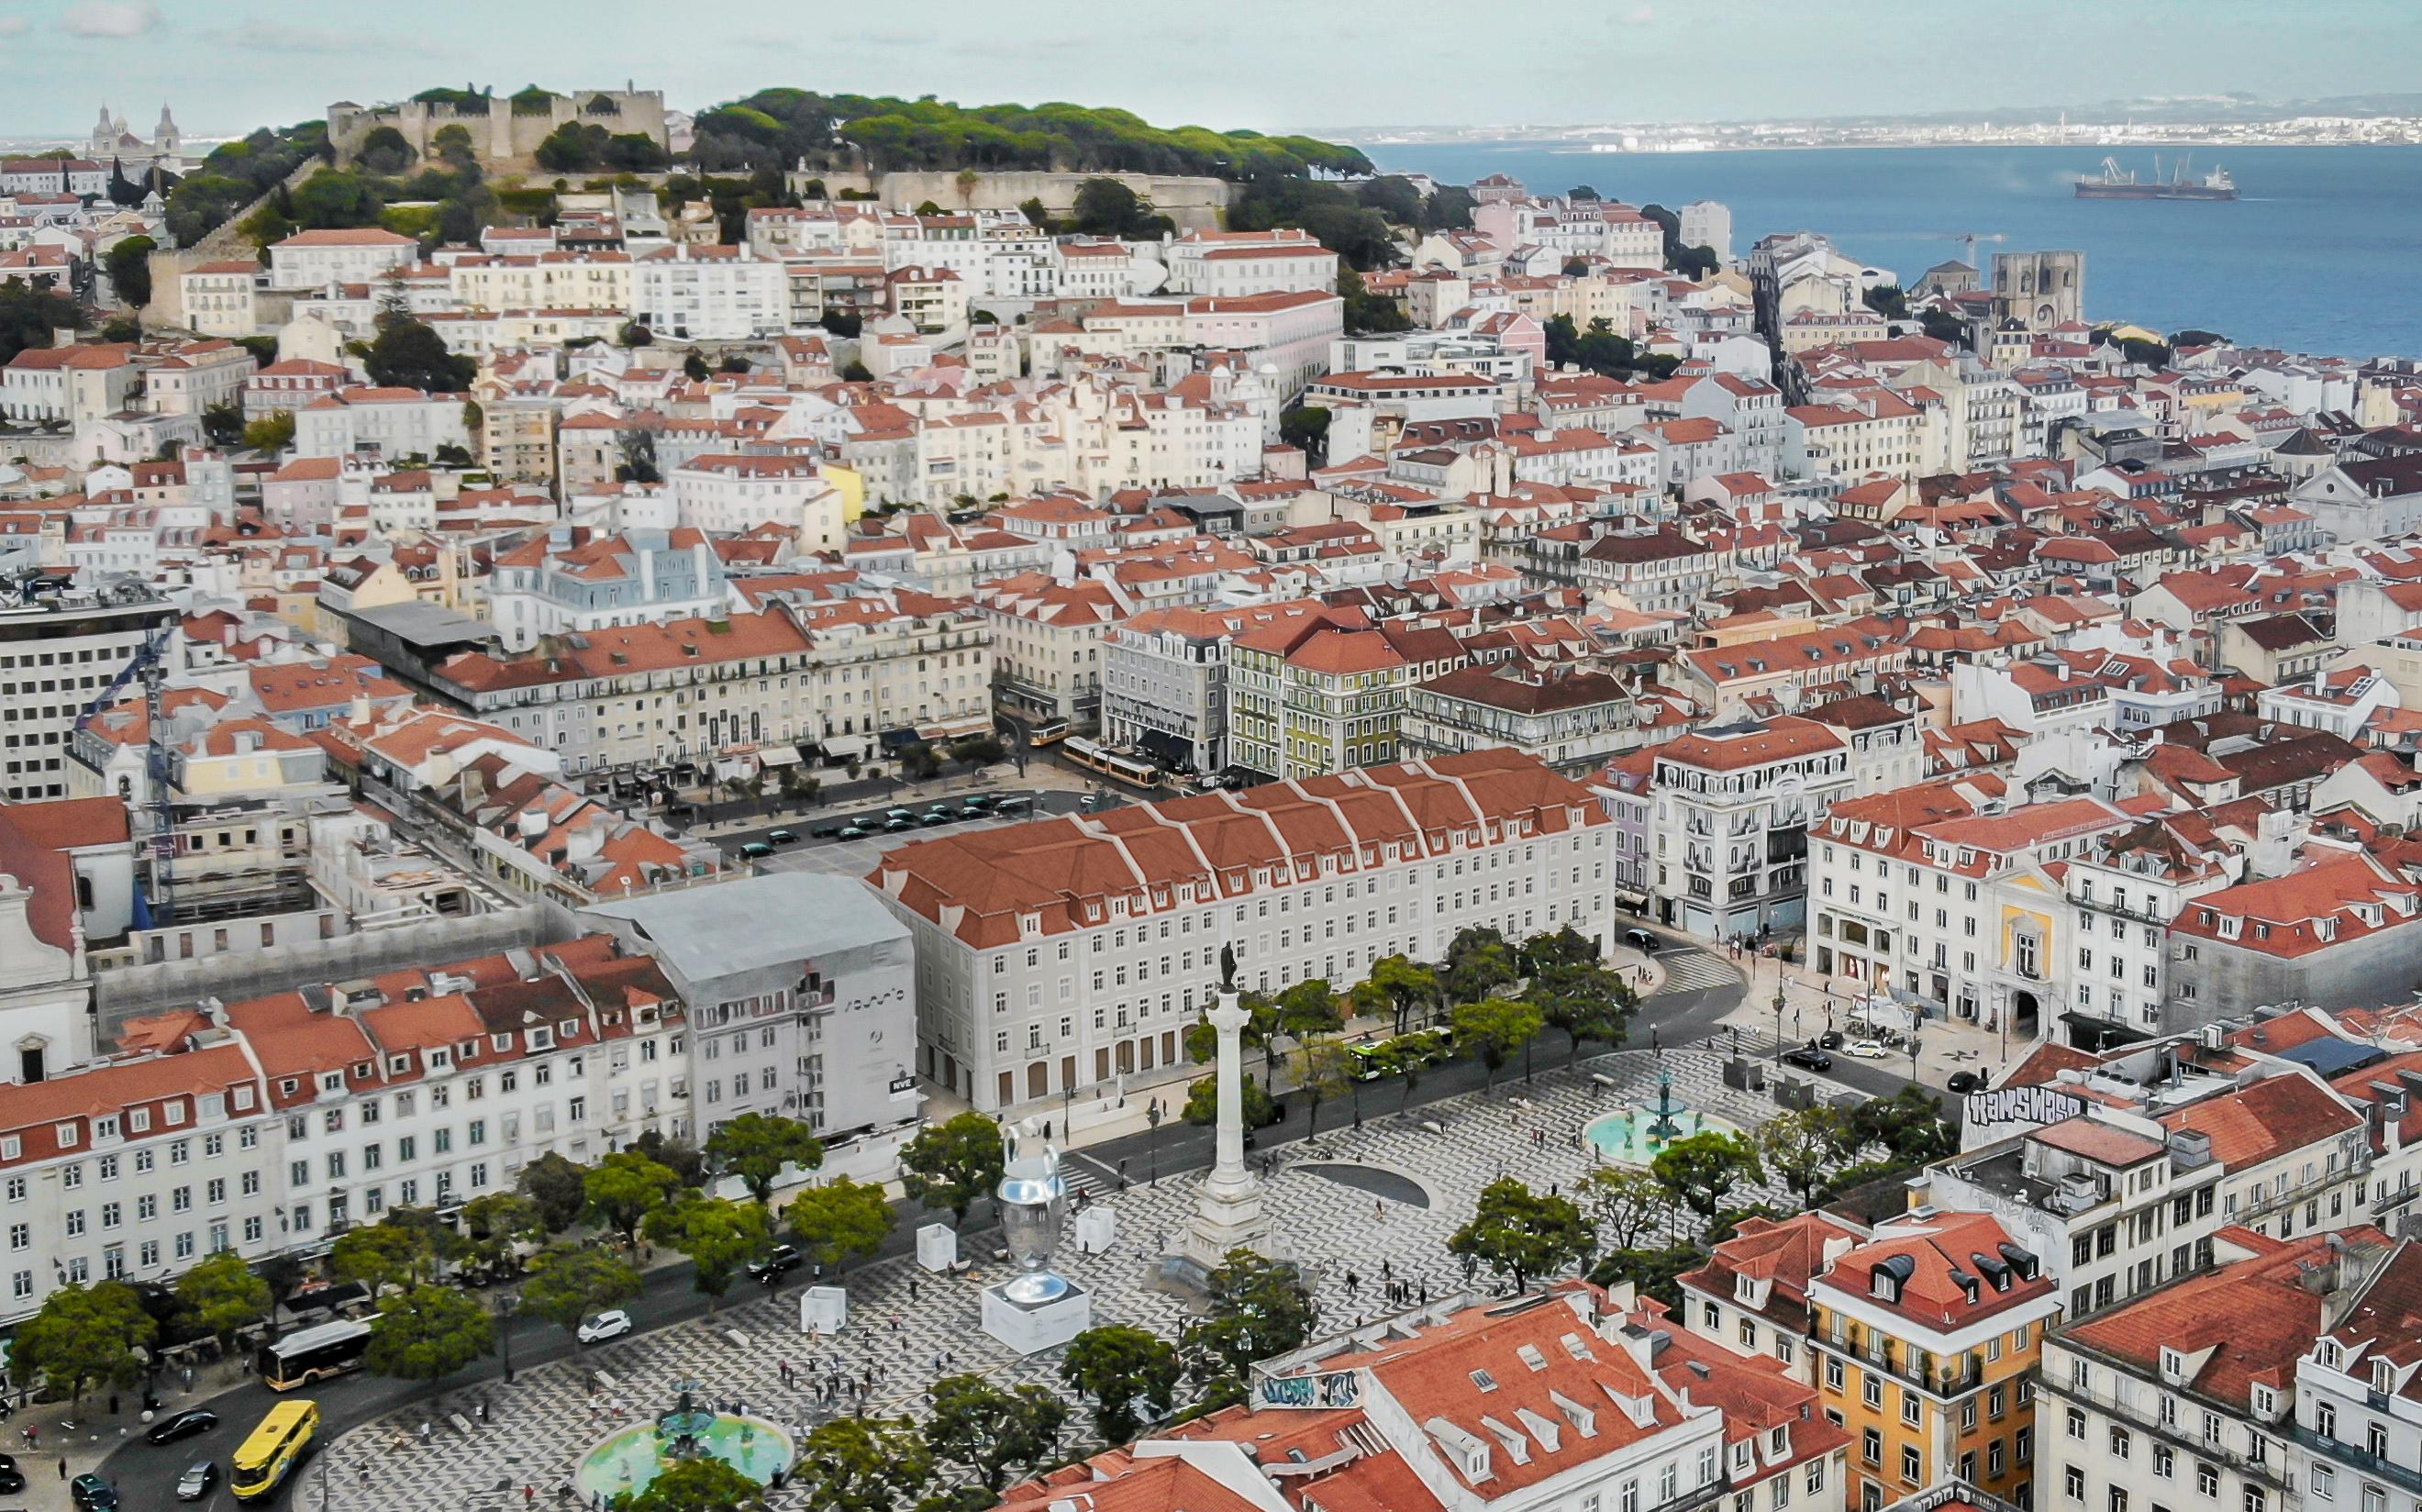 Como deverá ficar o quarteirão depois de reabilitado / JCKL Portugal